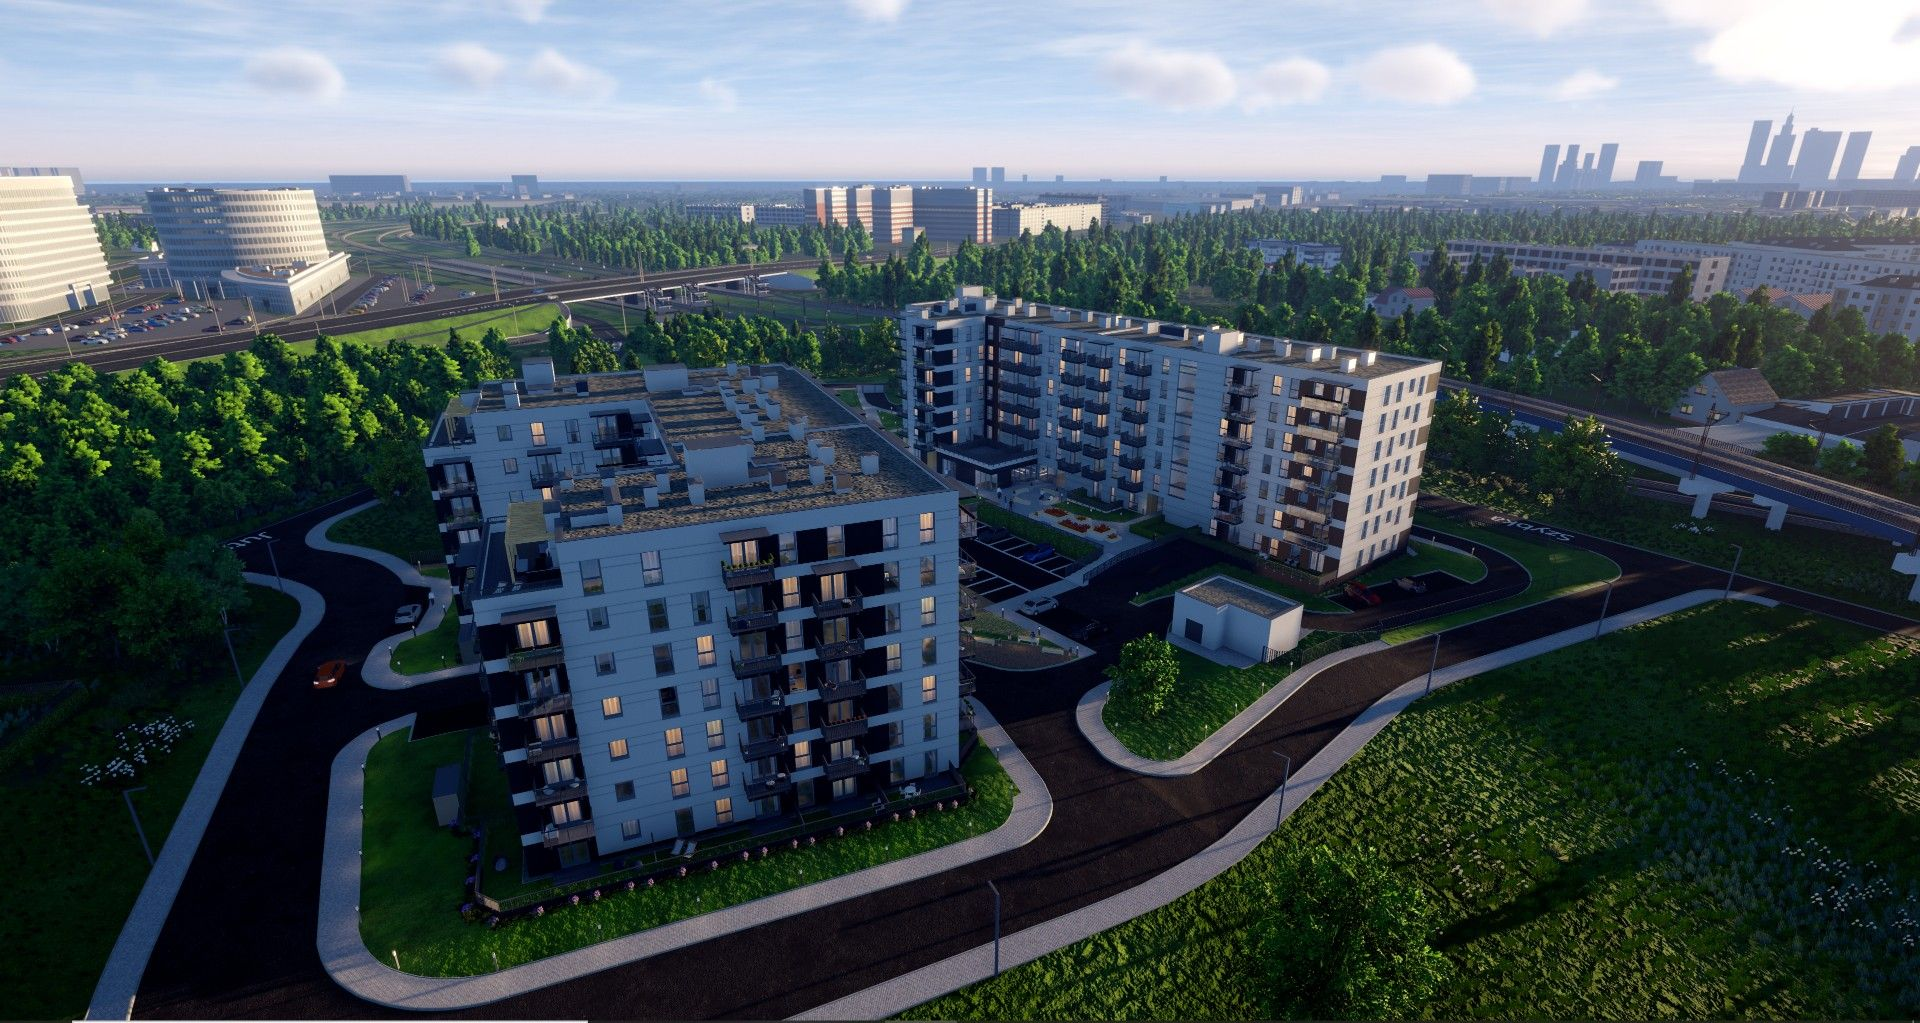 Warszawa: Aurora – prawie tysiąc nowych mieszkań na granicy Ochoty i Włoch od Danteksu